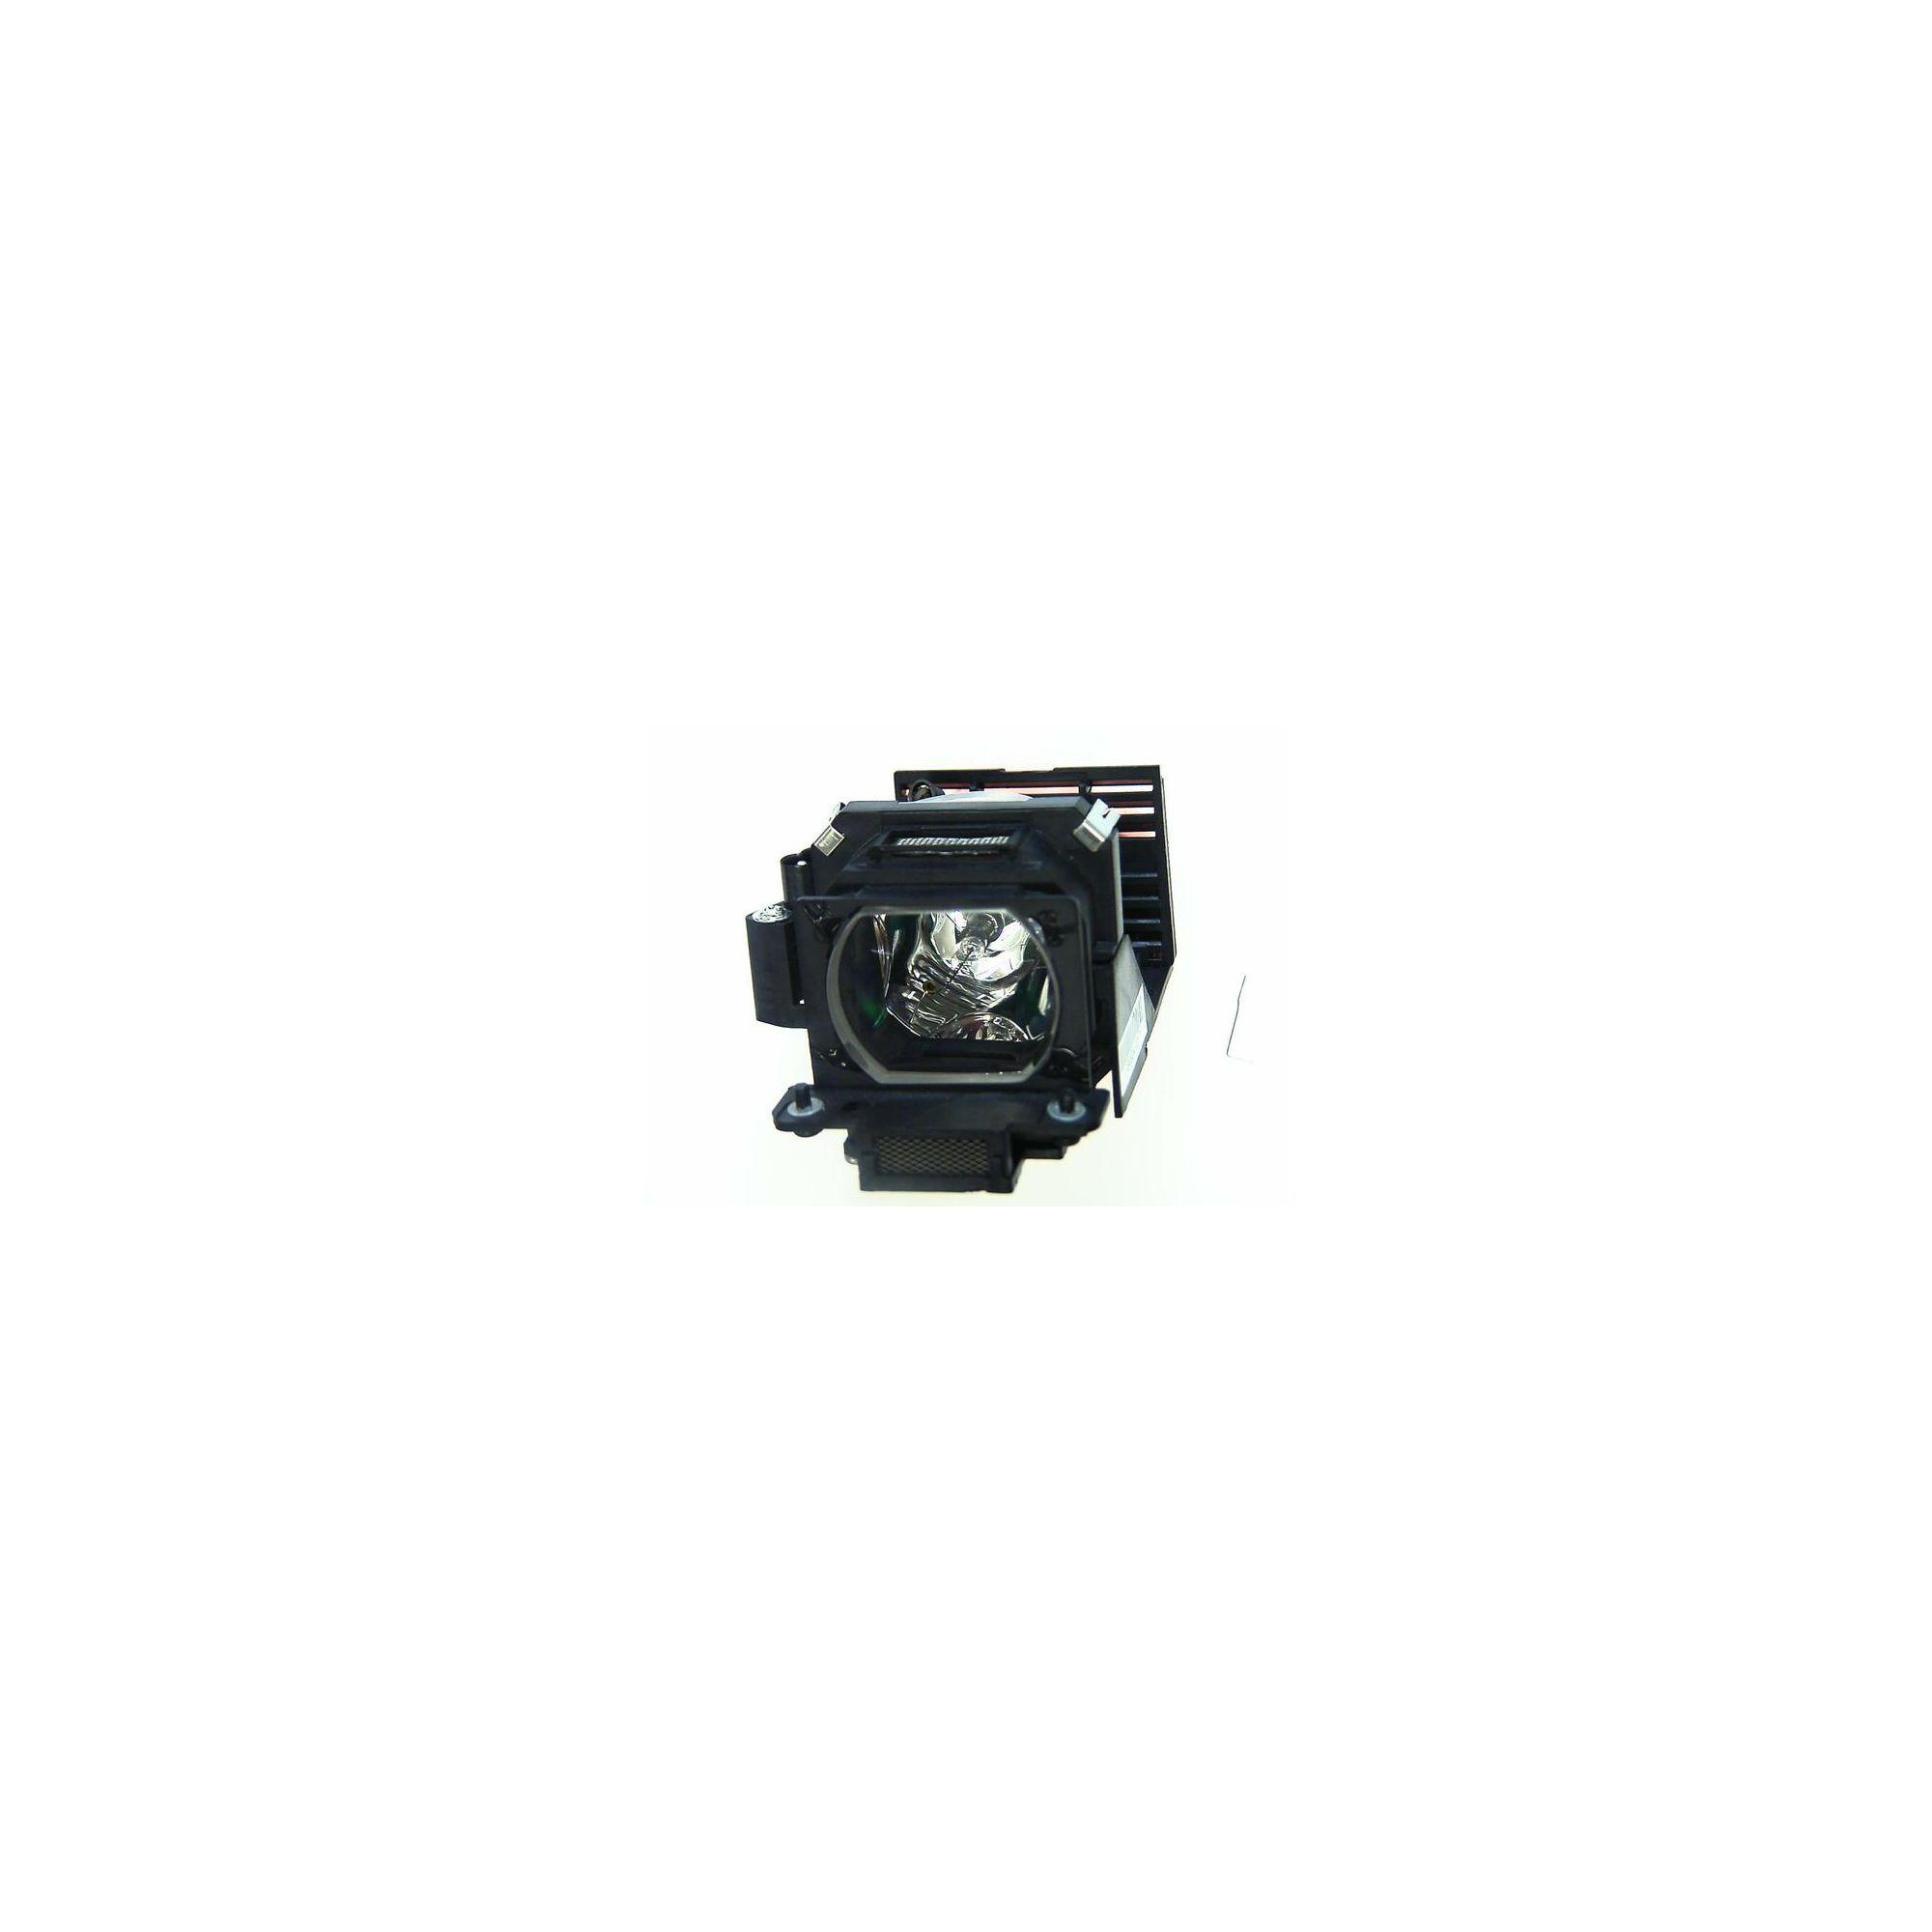 V7 Compatible Replacement 165W Projector Lamp OEM LMP-C150 for Sony VPL-CS5, VPL-CS6, VPL-CX5 Projectors at Tesco Direct